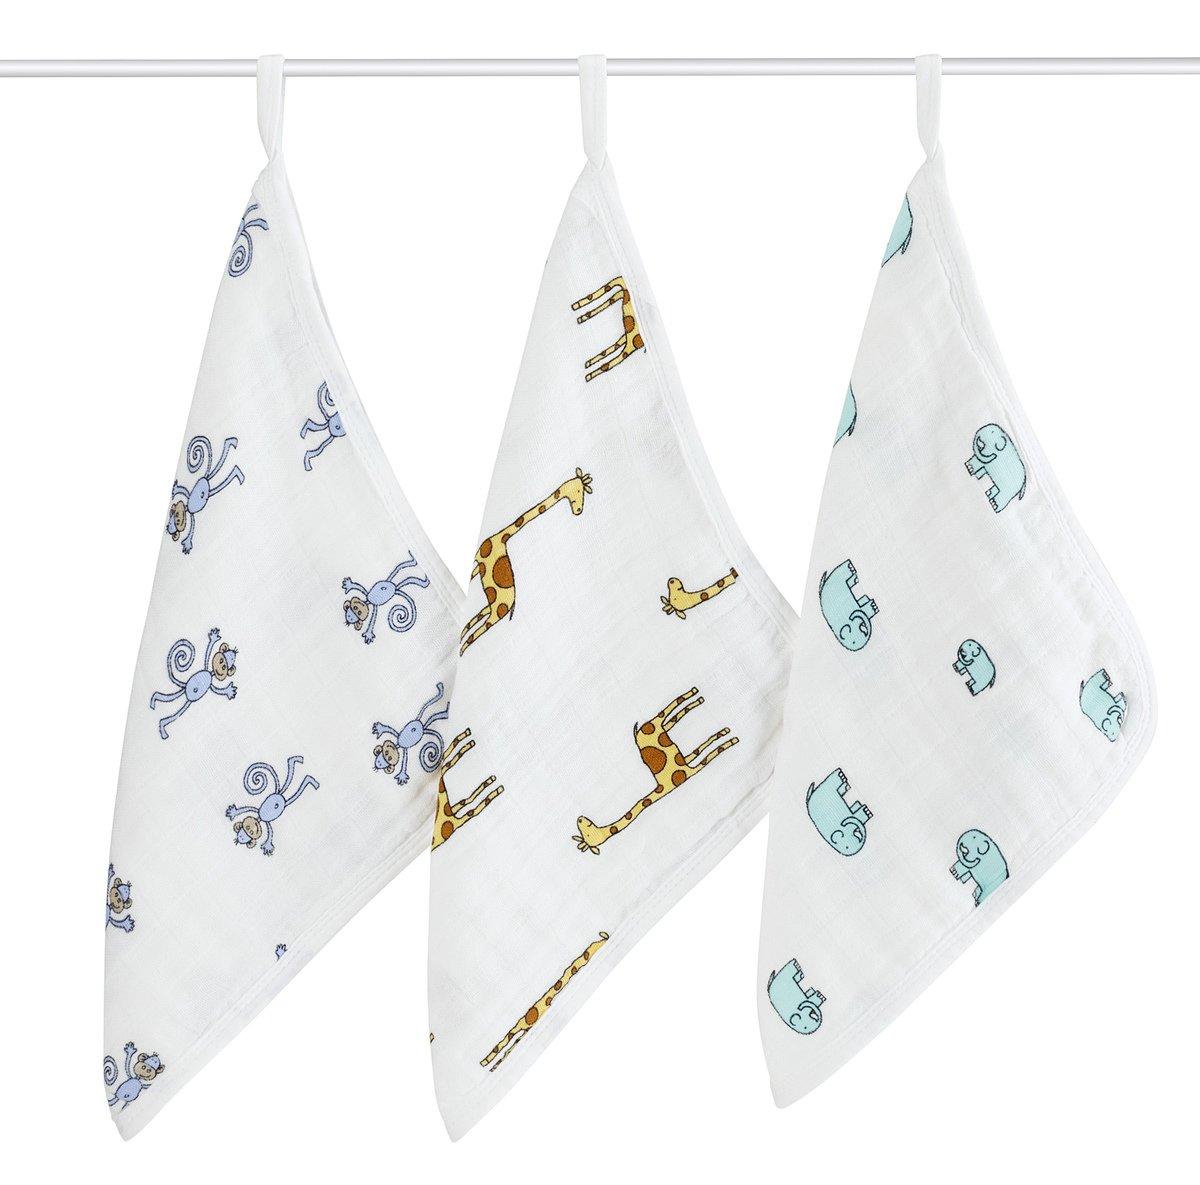 aden + anais washcloth set 3 pack, jungle jam